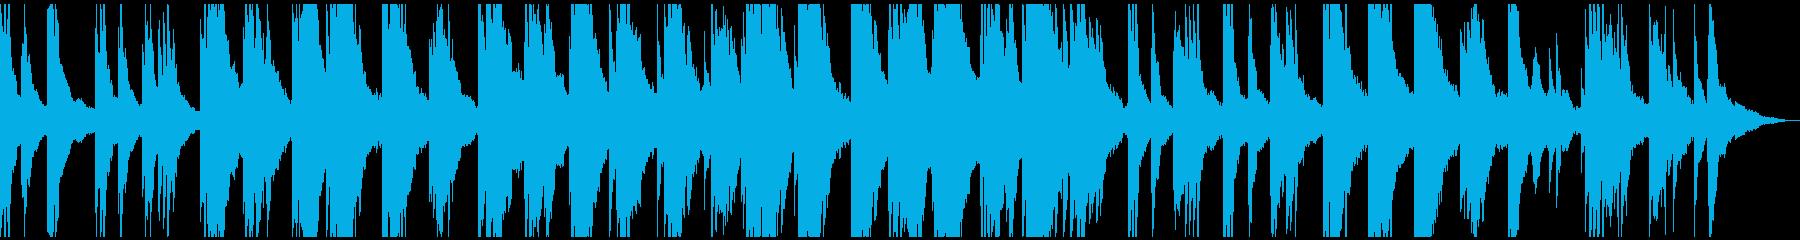 透明感・静けさ ヒーリング系ピアノソロの再生済みの波形